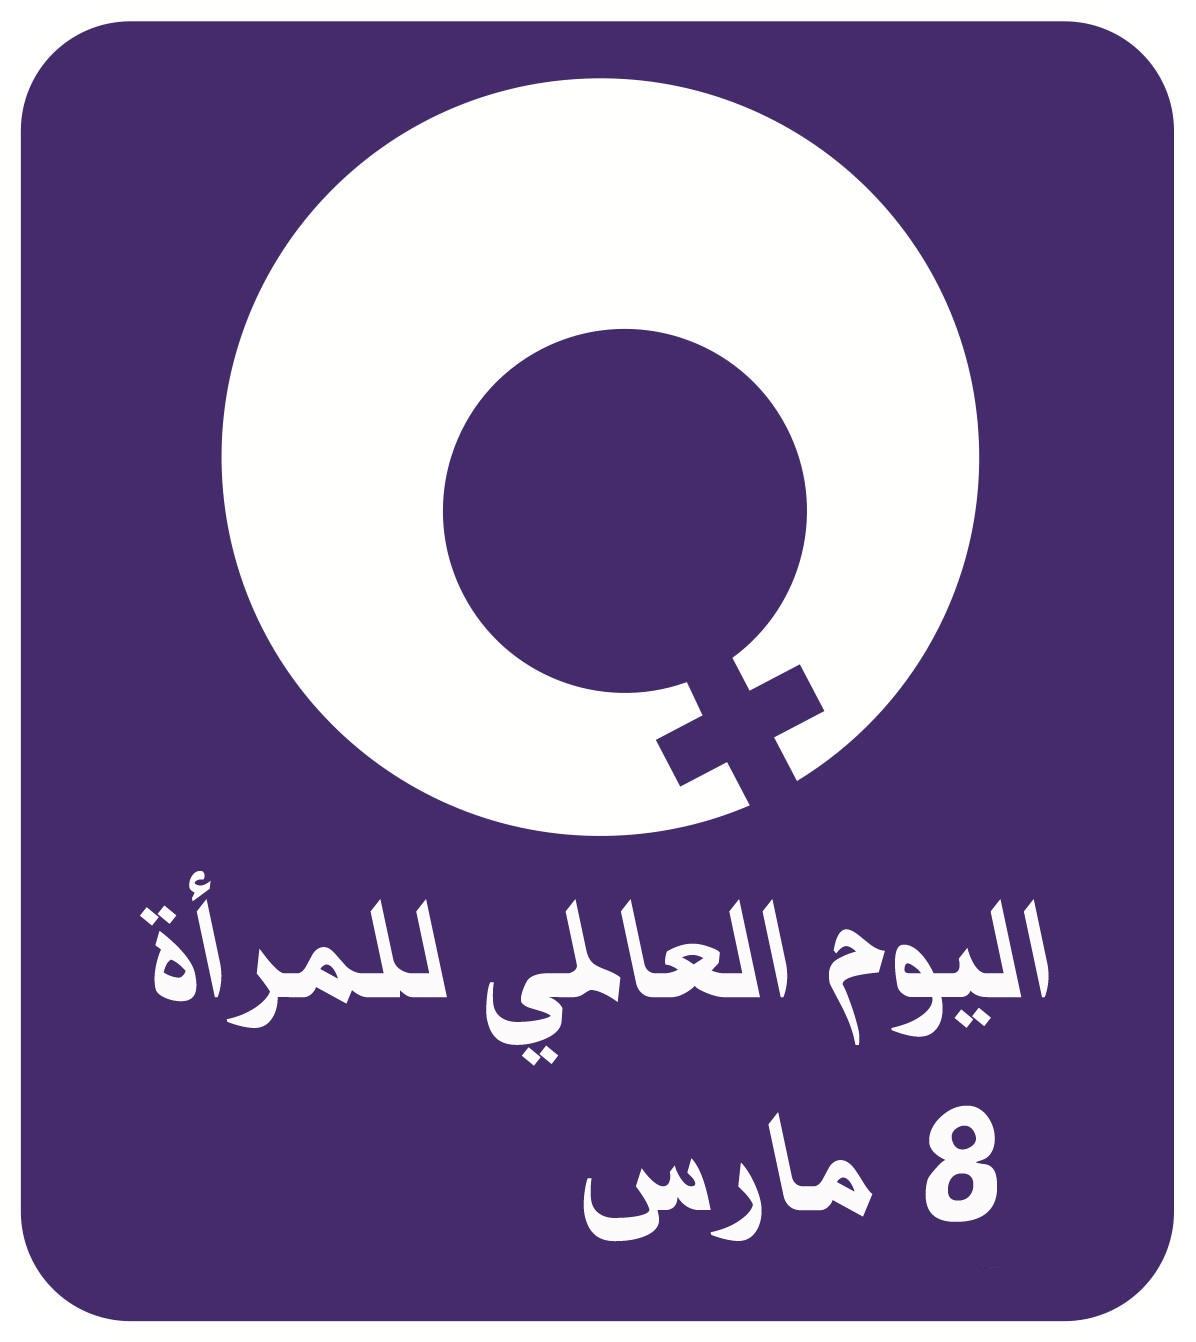 بالصور كلمات عن يوم المراة العالمي , عبارات بمناسبة الاحتفال بيوم المراة العالمى 3086 5